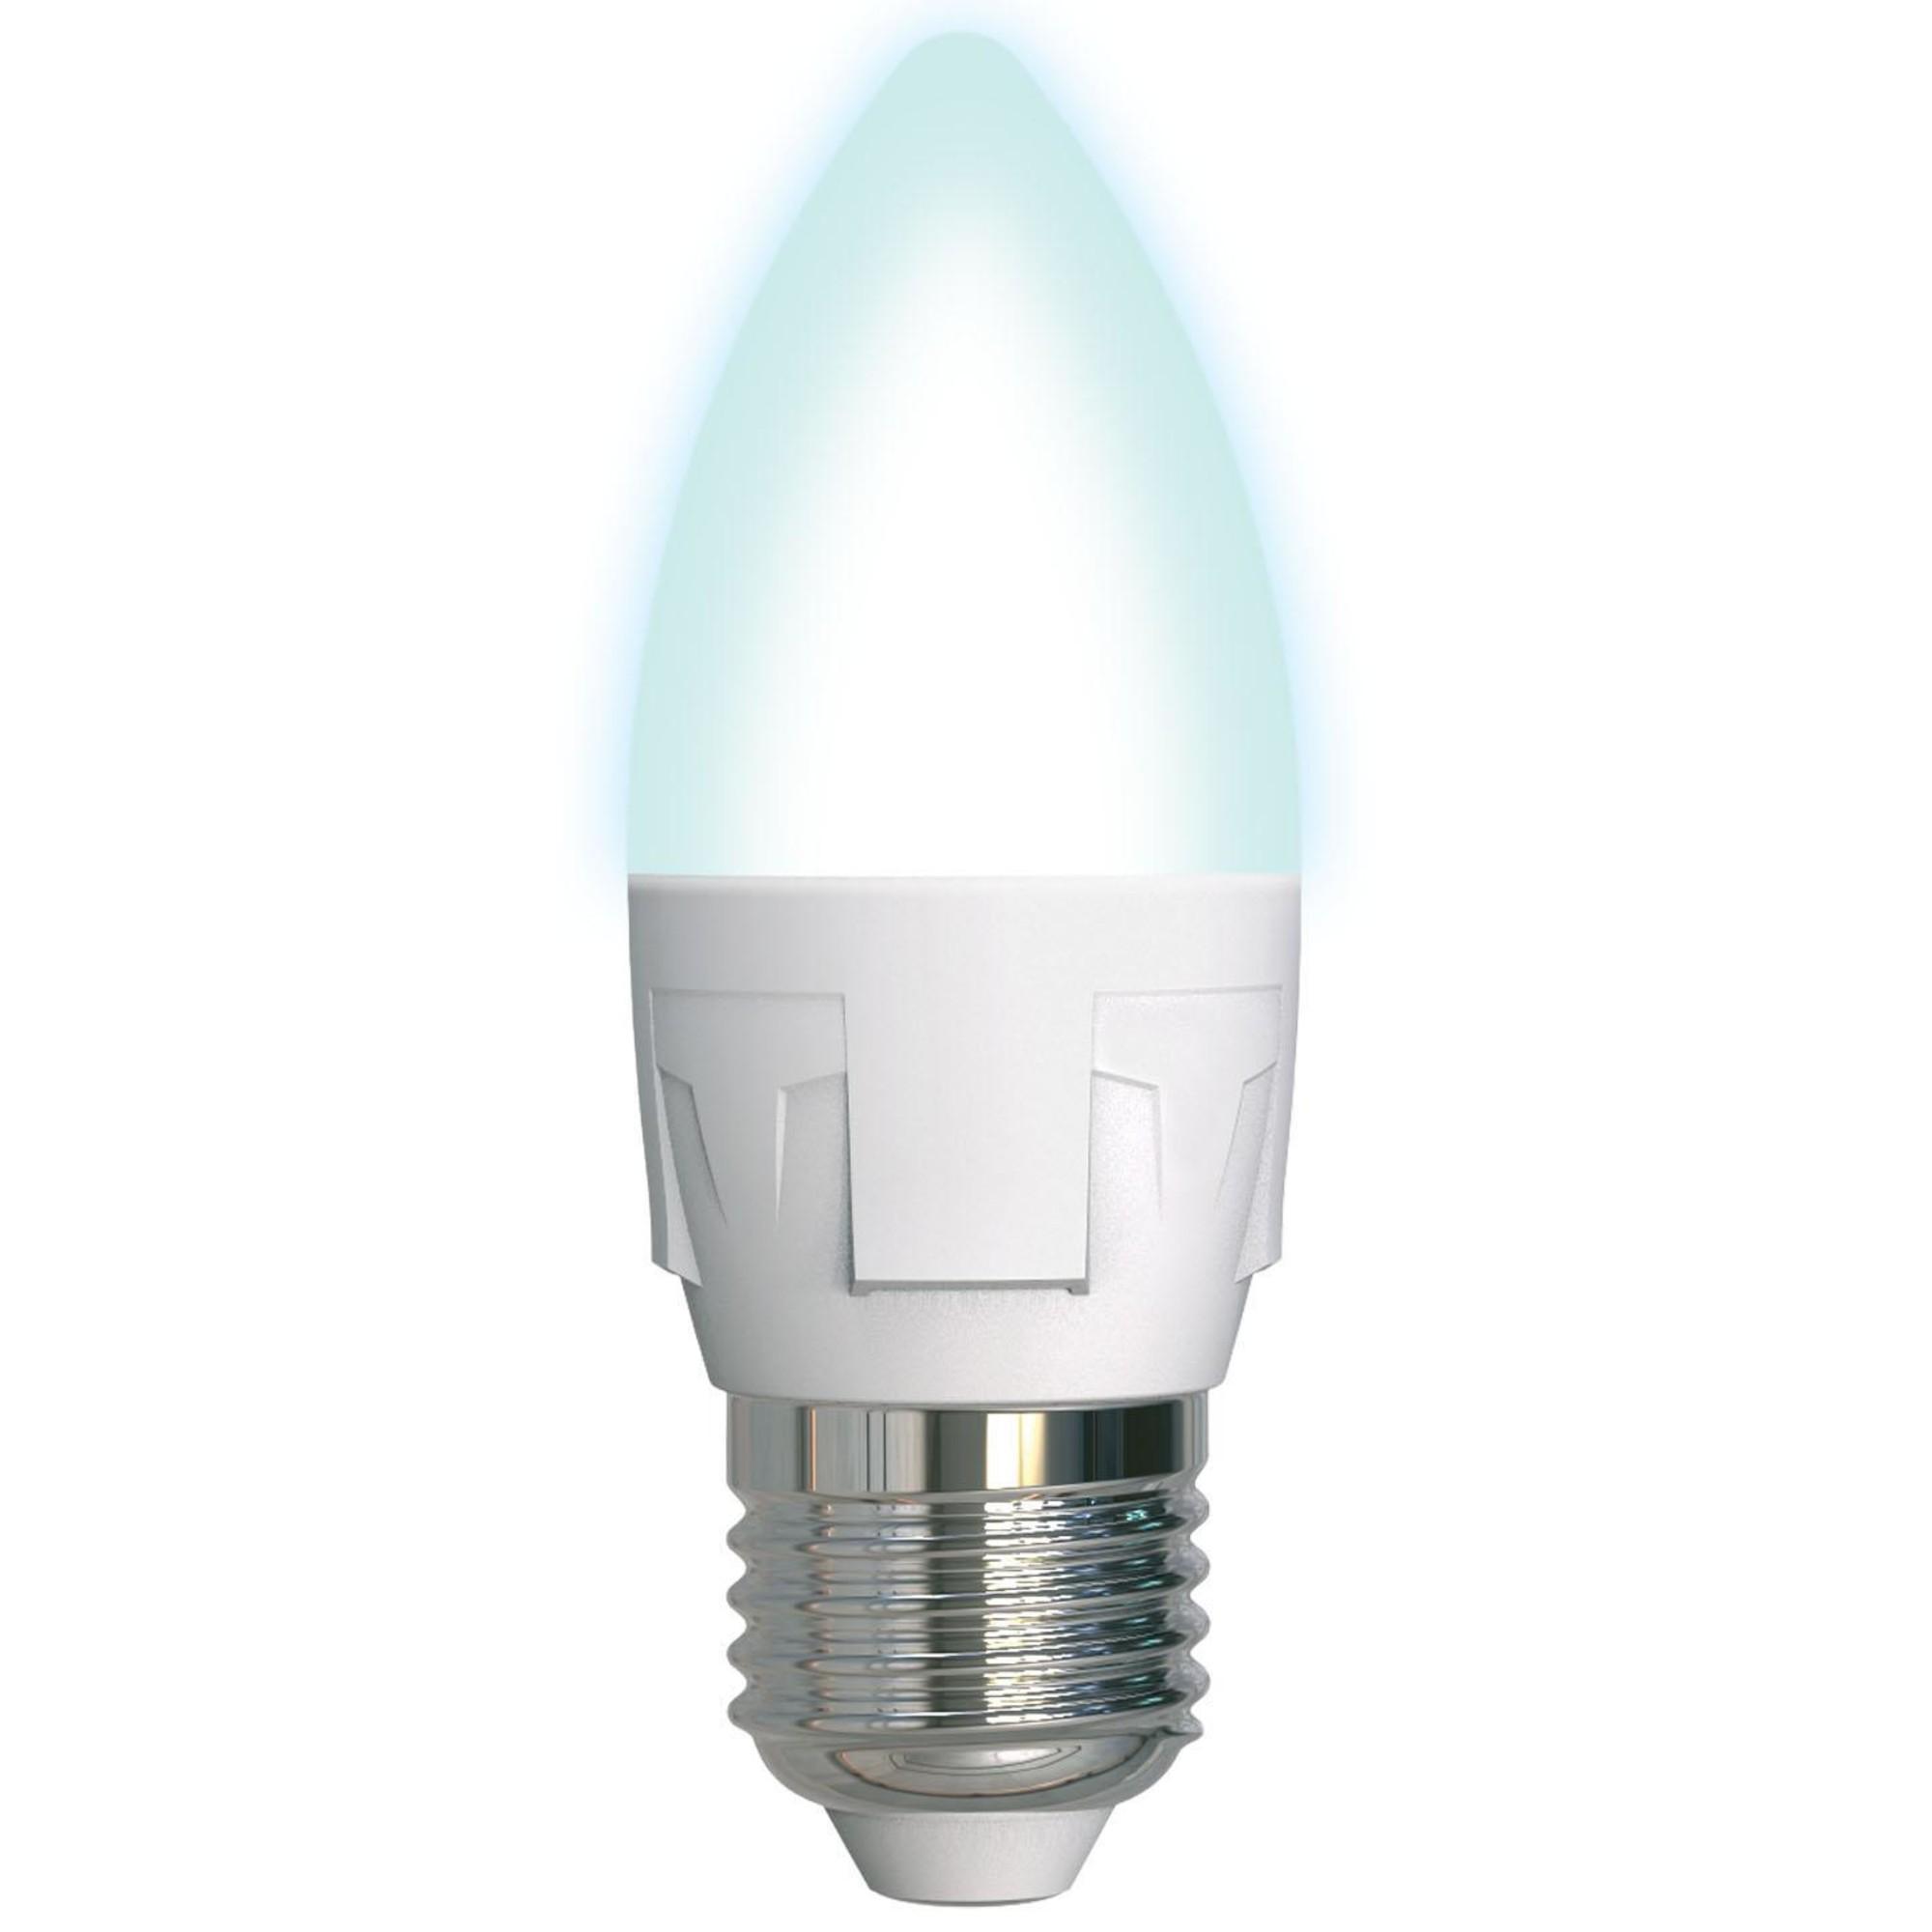 Лампа светодиодная Uniel Яркая E27 свеча 600 Лм 7 Вт нейтральный белый